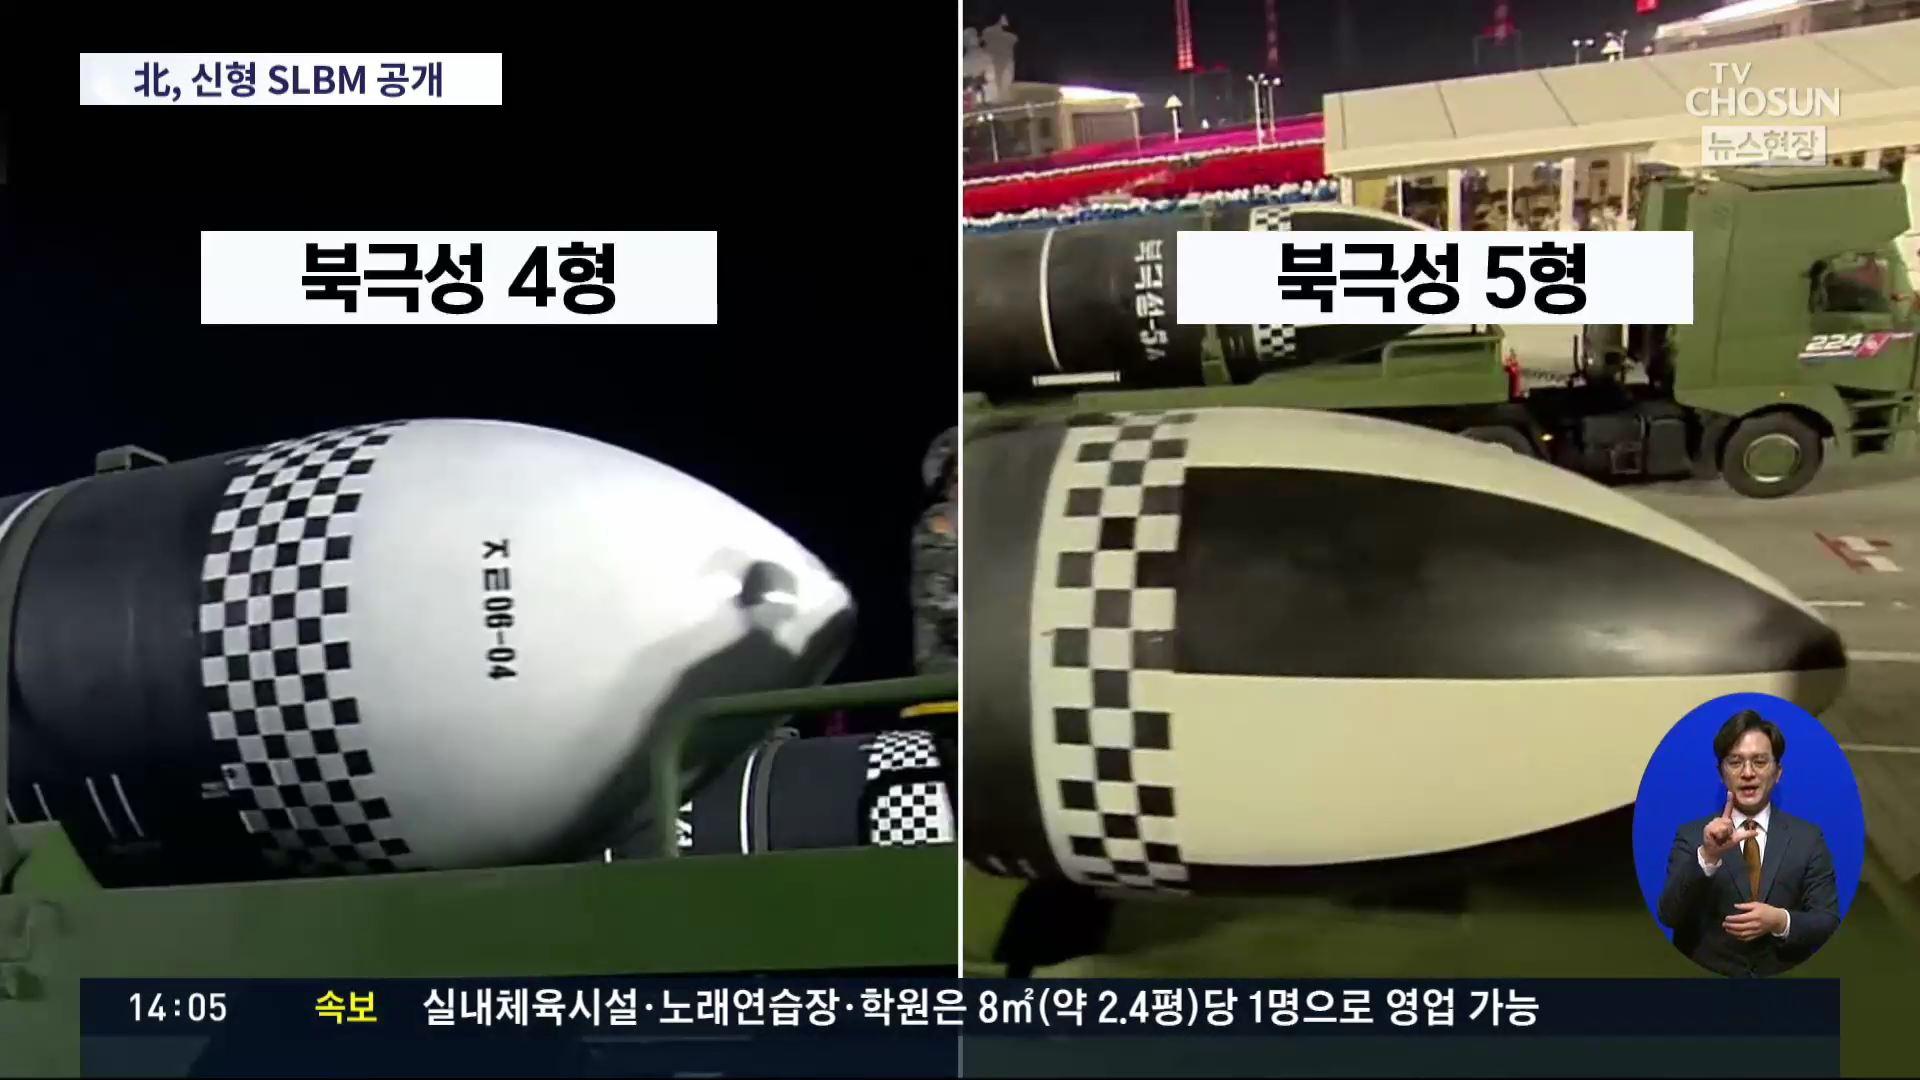 北, 당 대회 기념 첫 열병식…탄두 커진 신형 SLBM 공개